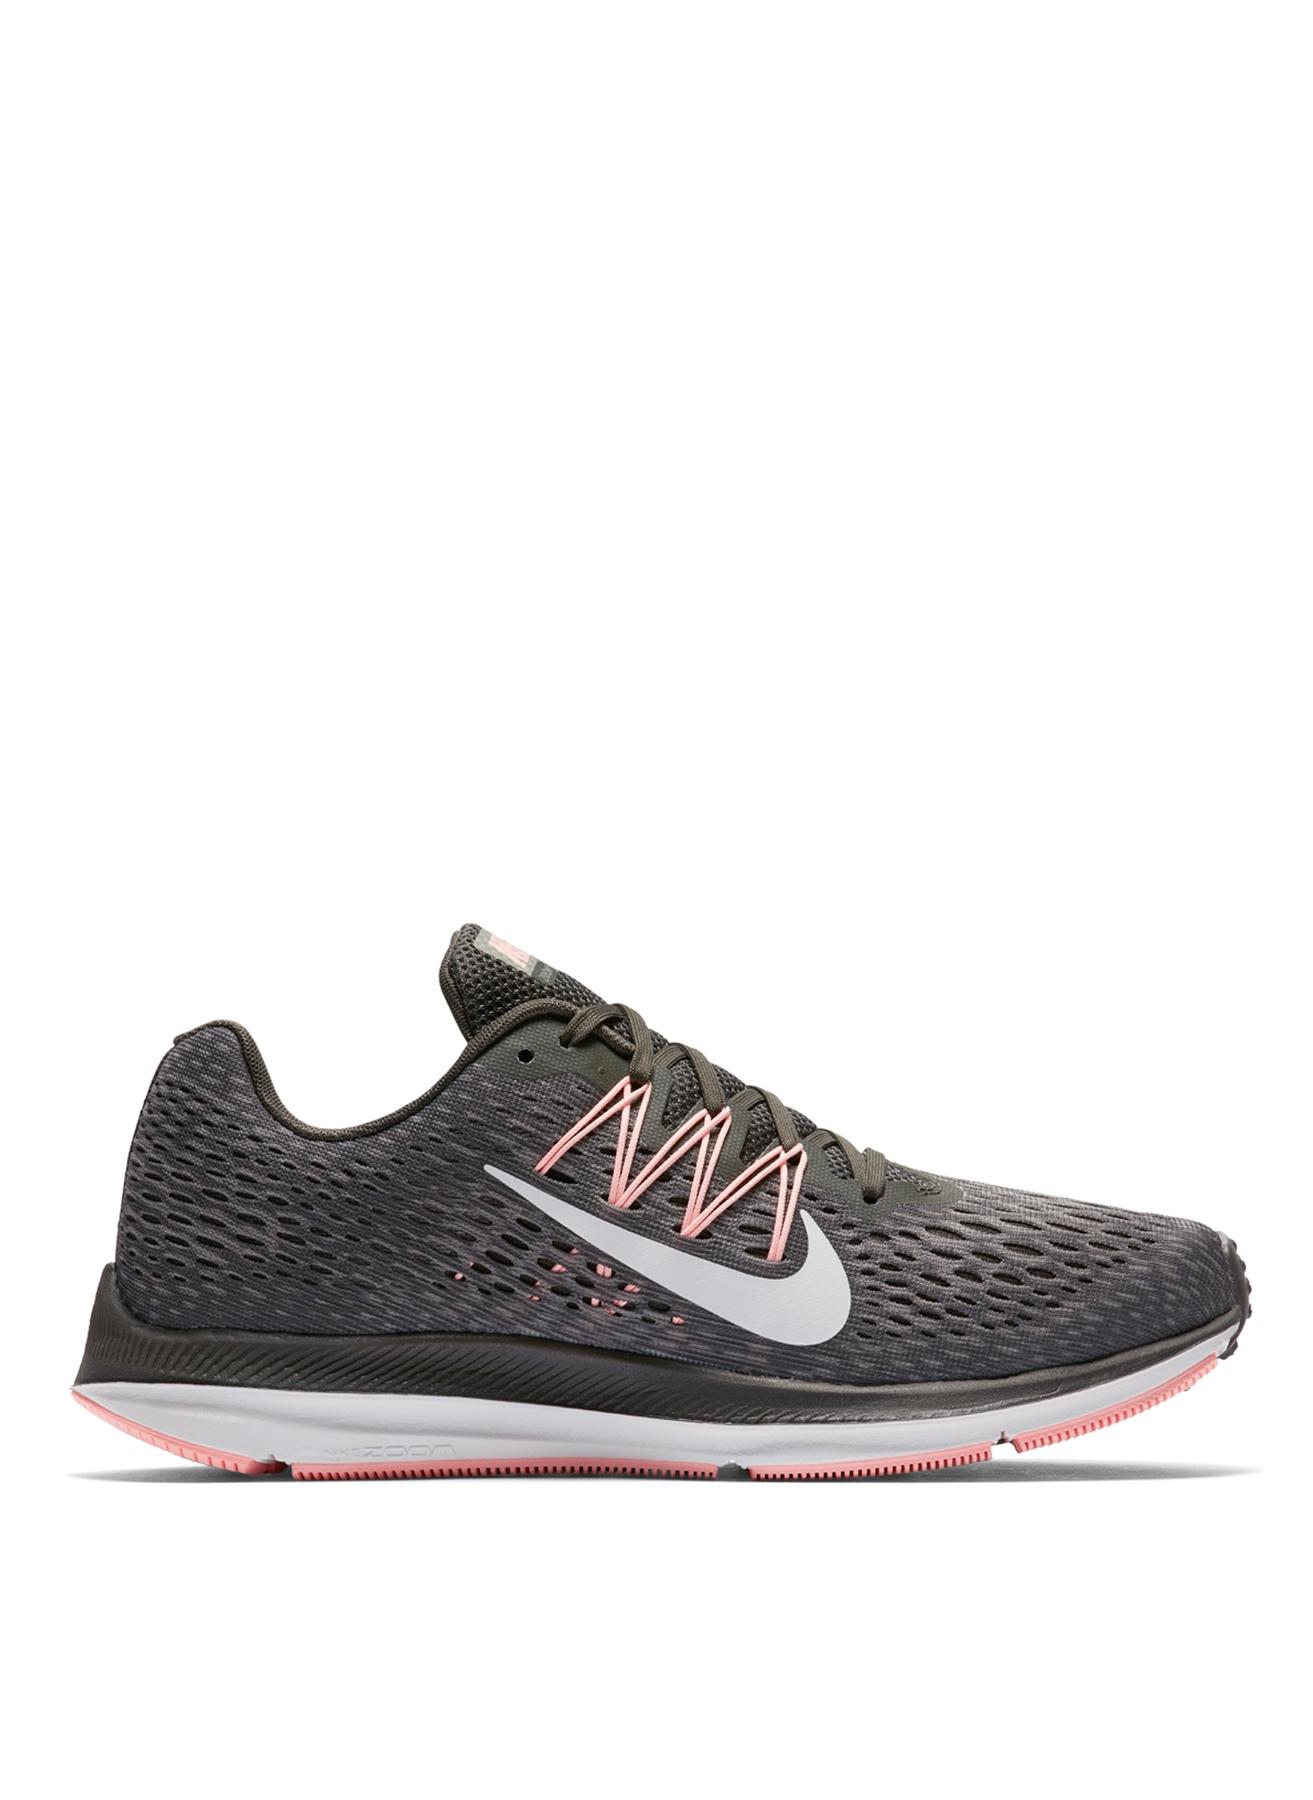 Nike Air Zoom Winflo 5 Koşu Ayakkabısı 37.5 5001635072002 Ürün Resmi